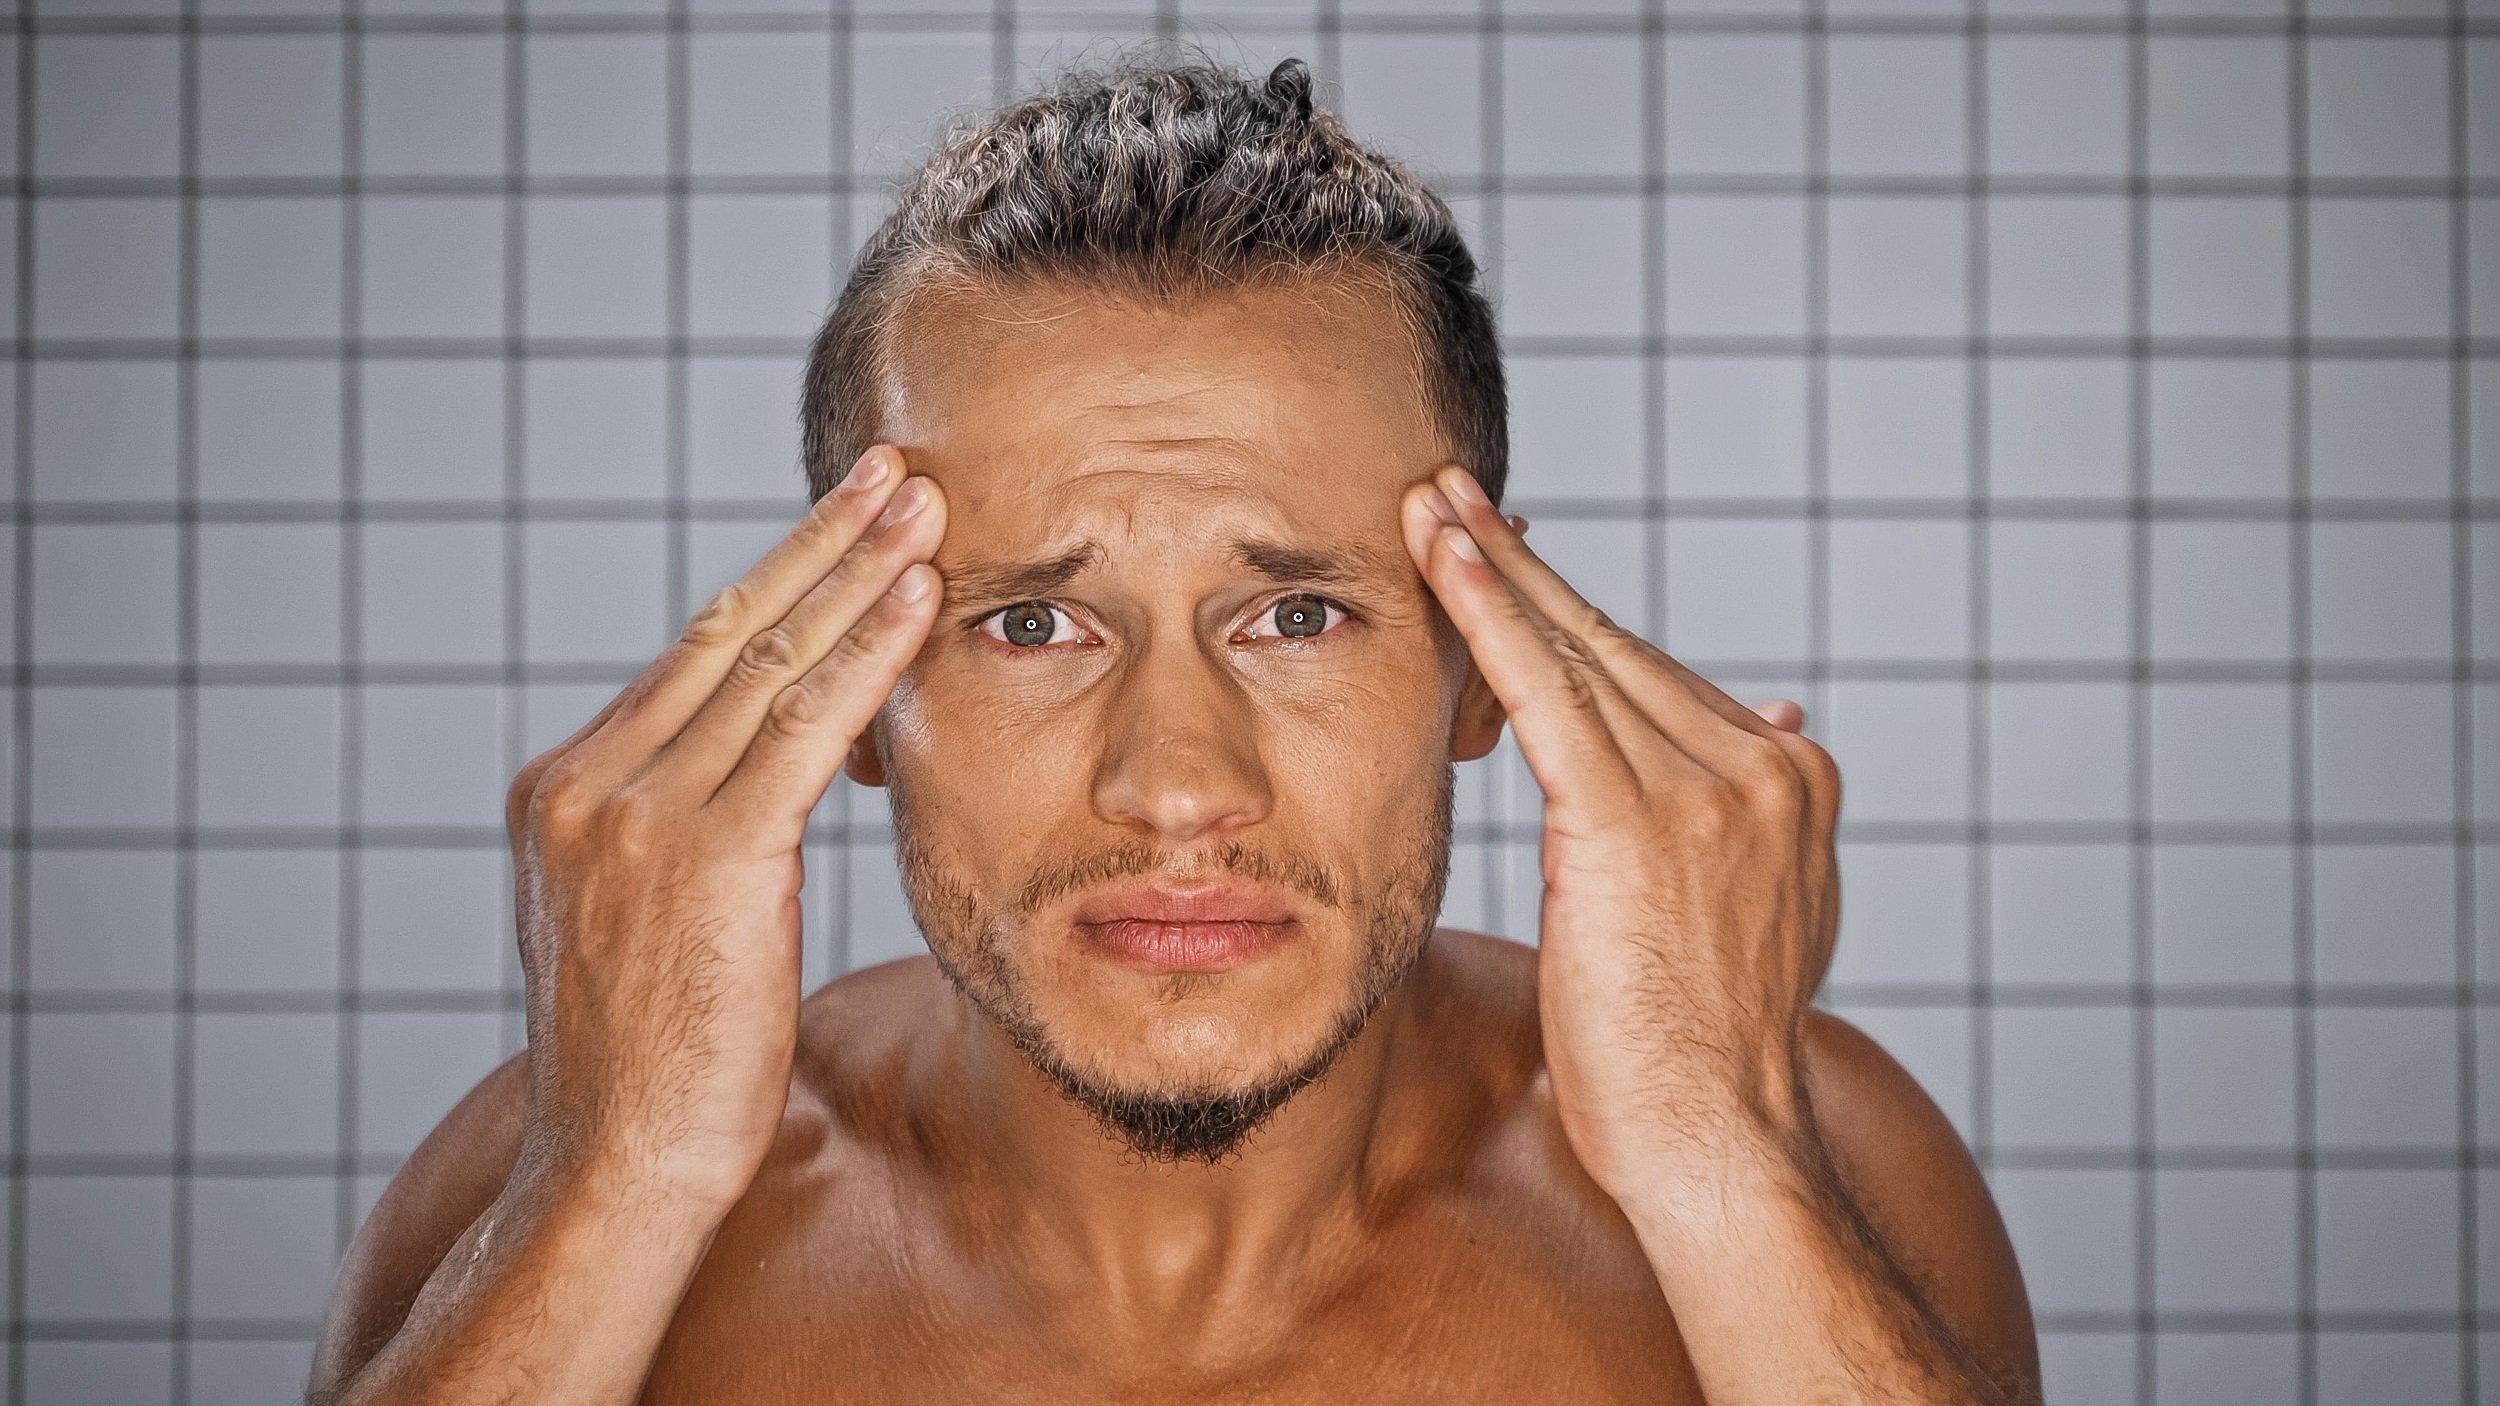 Ein mittelalter Mann betrachtet sorgenvoll sein Spiegelbild und prüft, ob neue Hautfalten hinzugekommen sind.